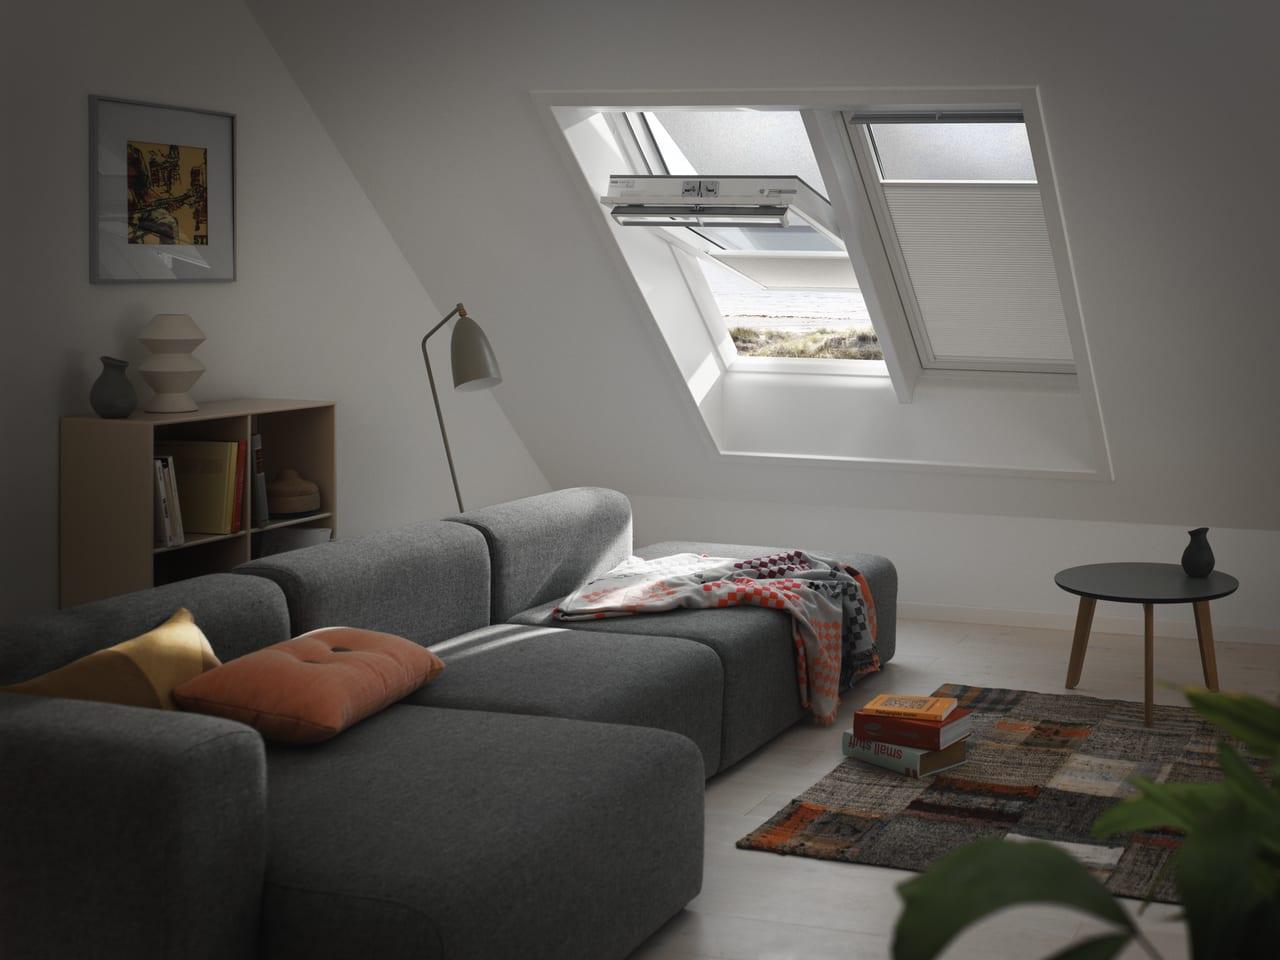 veľké okná